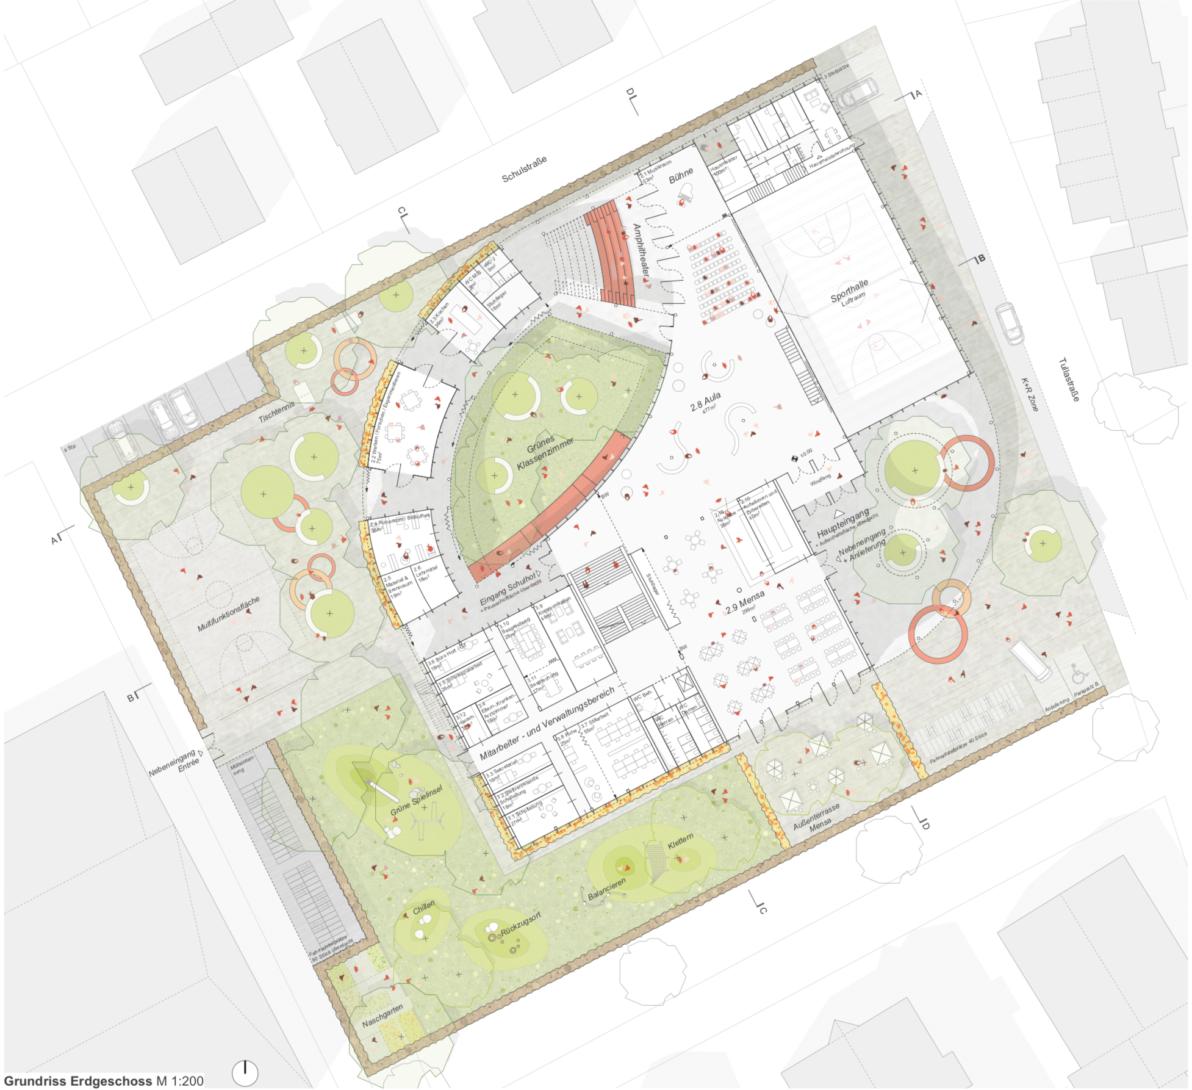 Grundriss Erdgeschoss buerohauser Wettbewerbsbeitrag Umbau eines Gemeinschaftsschulgebäudes in eine Grundschule und Errichtung einer Einfeld-Sporthalle Bietigheim 2021